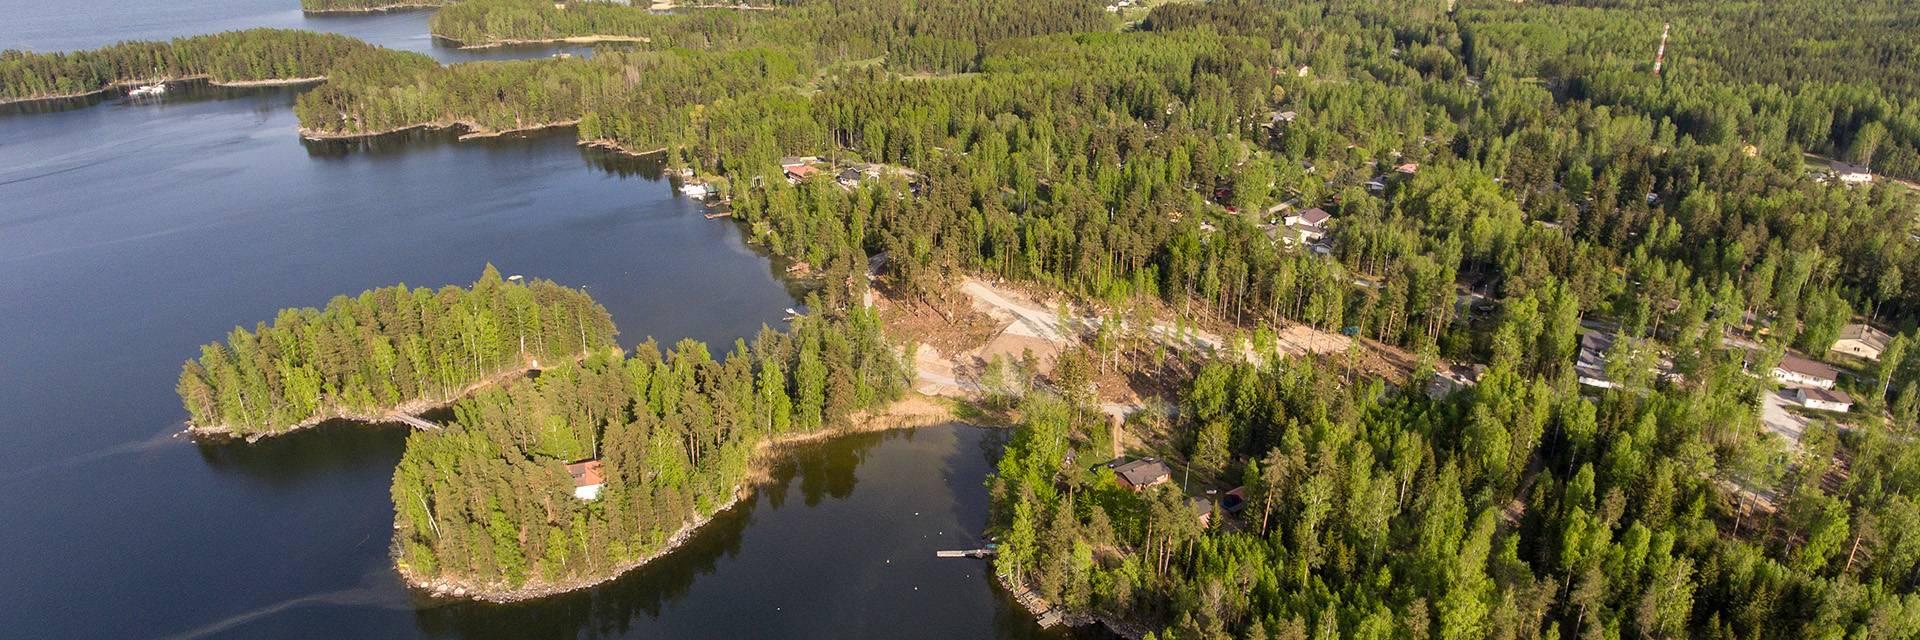 Ilmakuva Koivuniemen asuinalueesta.